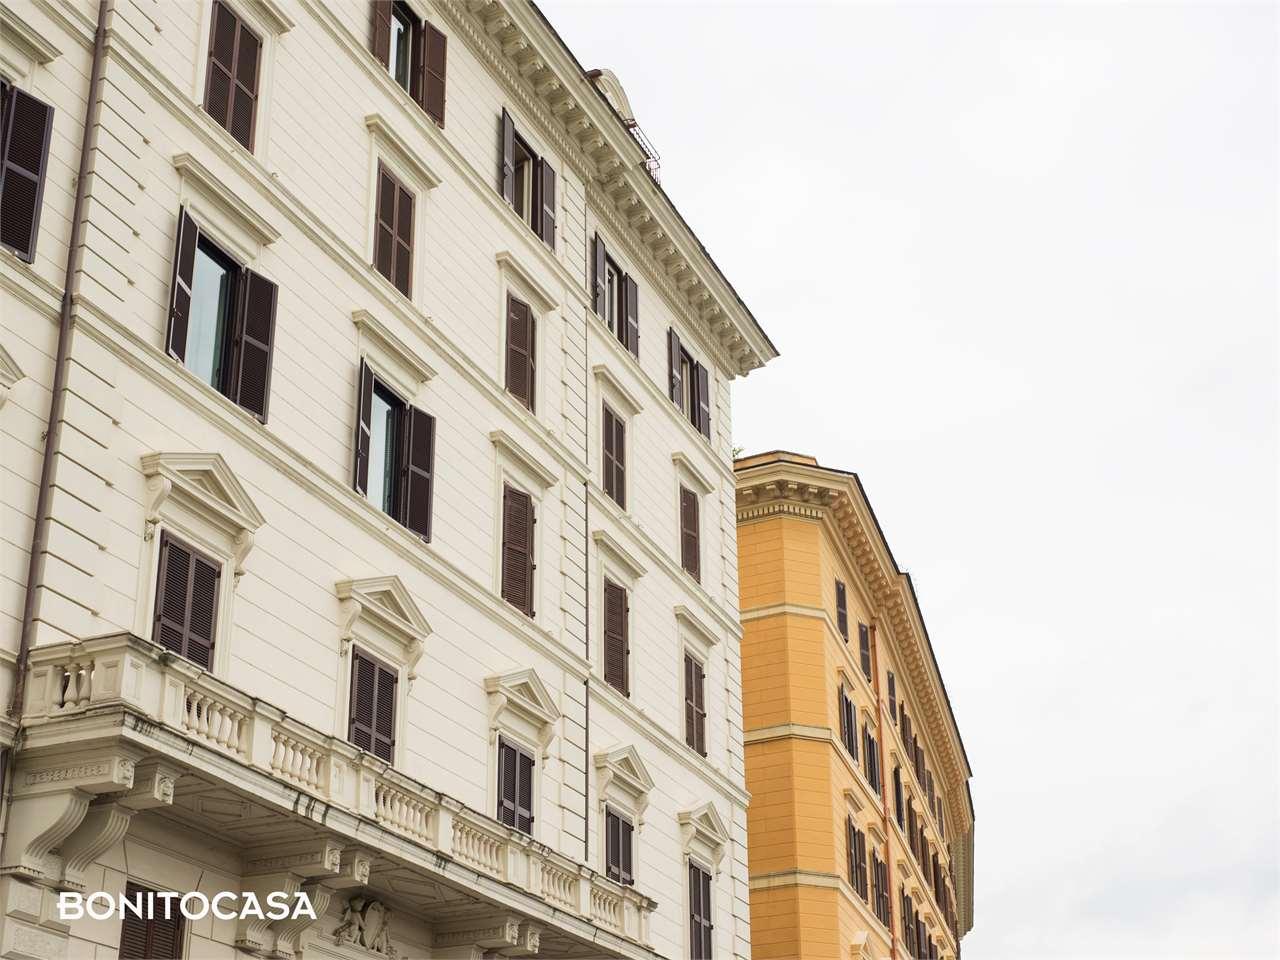 Ufficio in affitto a roma agenzie immobiliari roma for Affitto ufficio prati roma